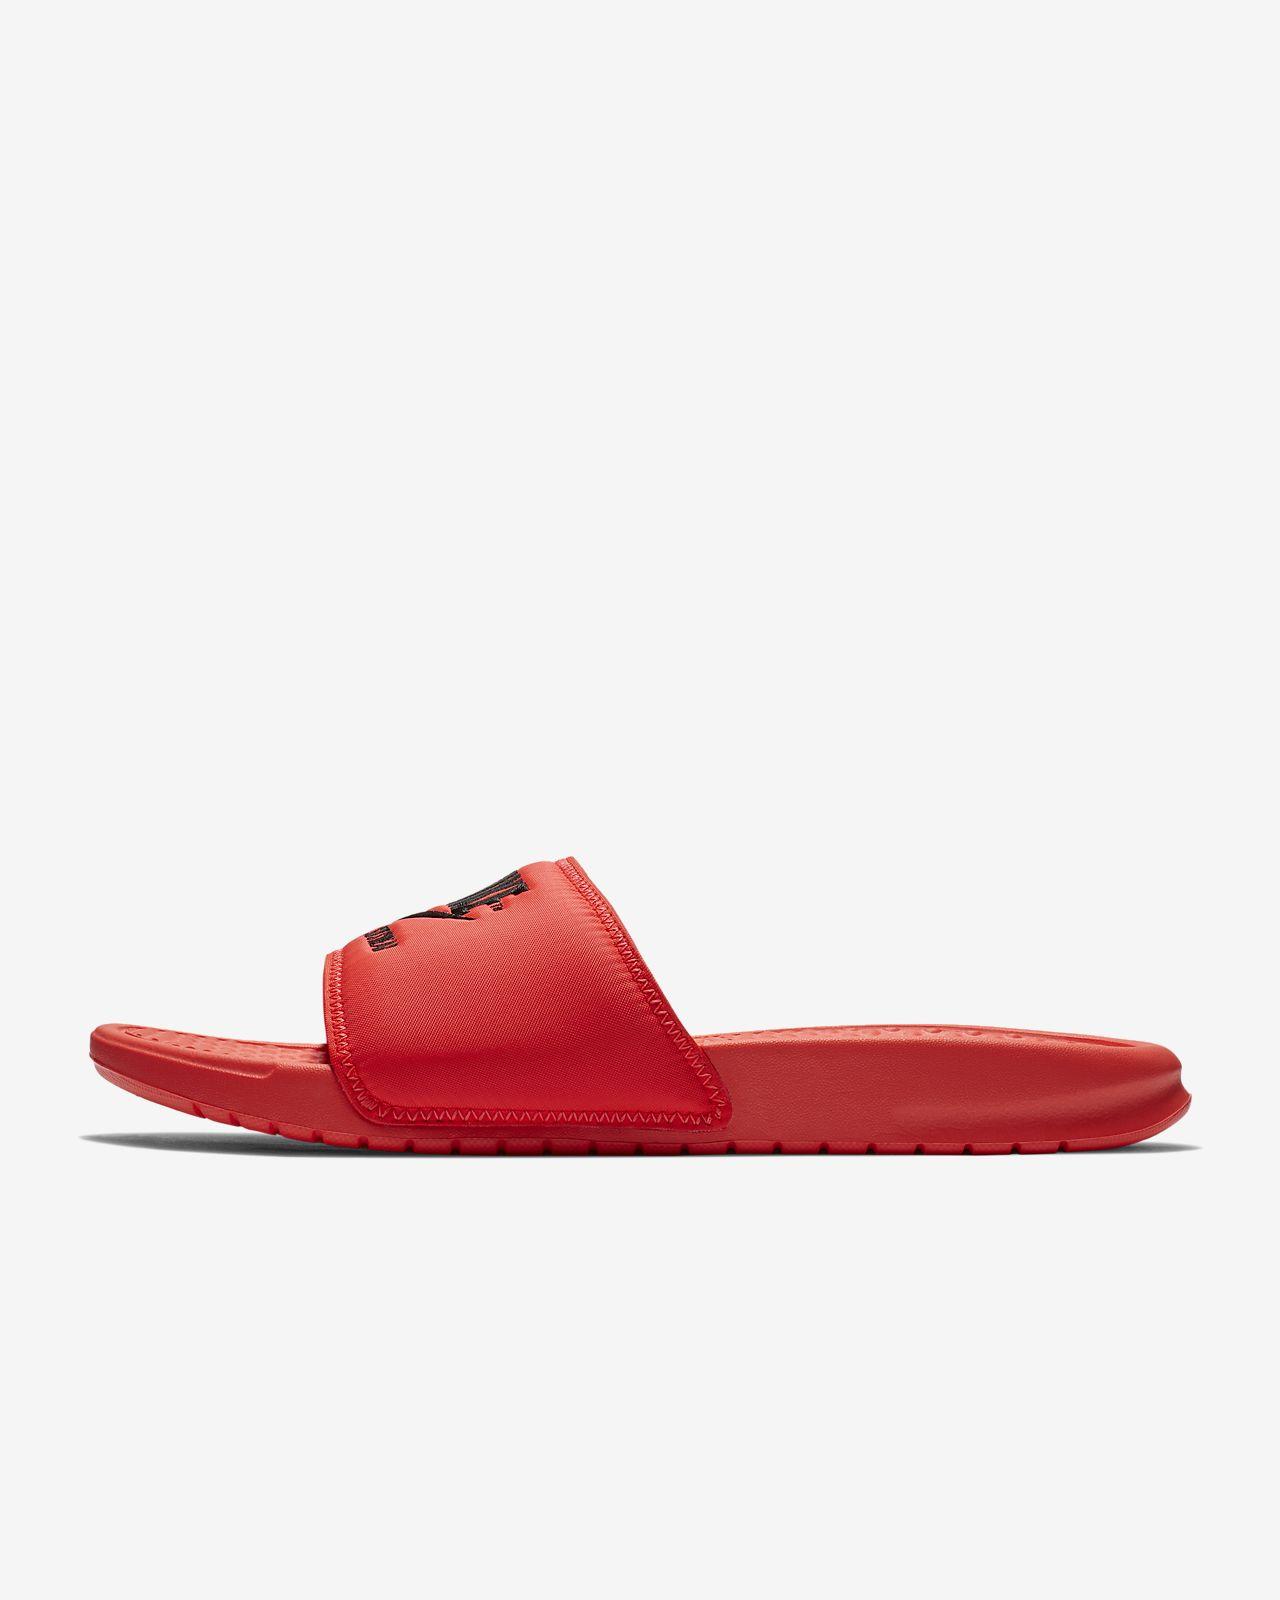 d36d997521b73 Nike Benassi JDI TXT SE Men s Slide. Nike.com AU